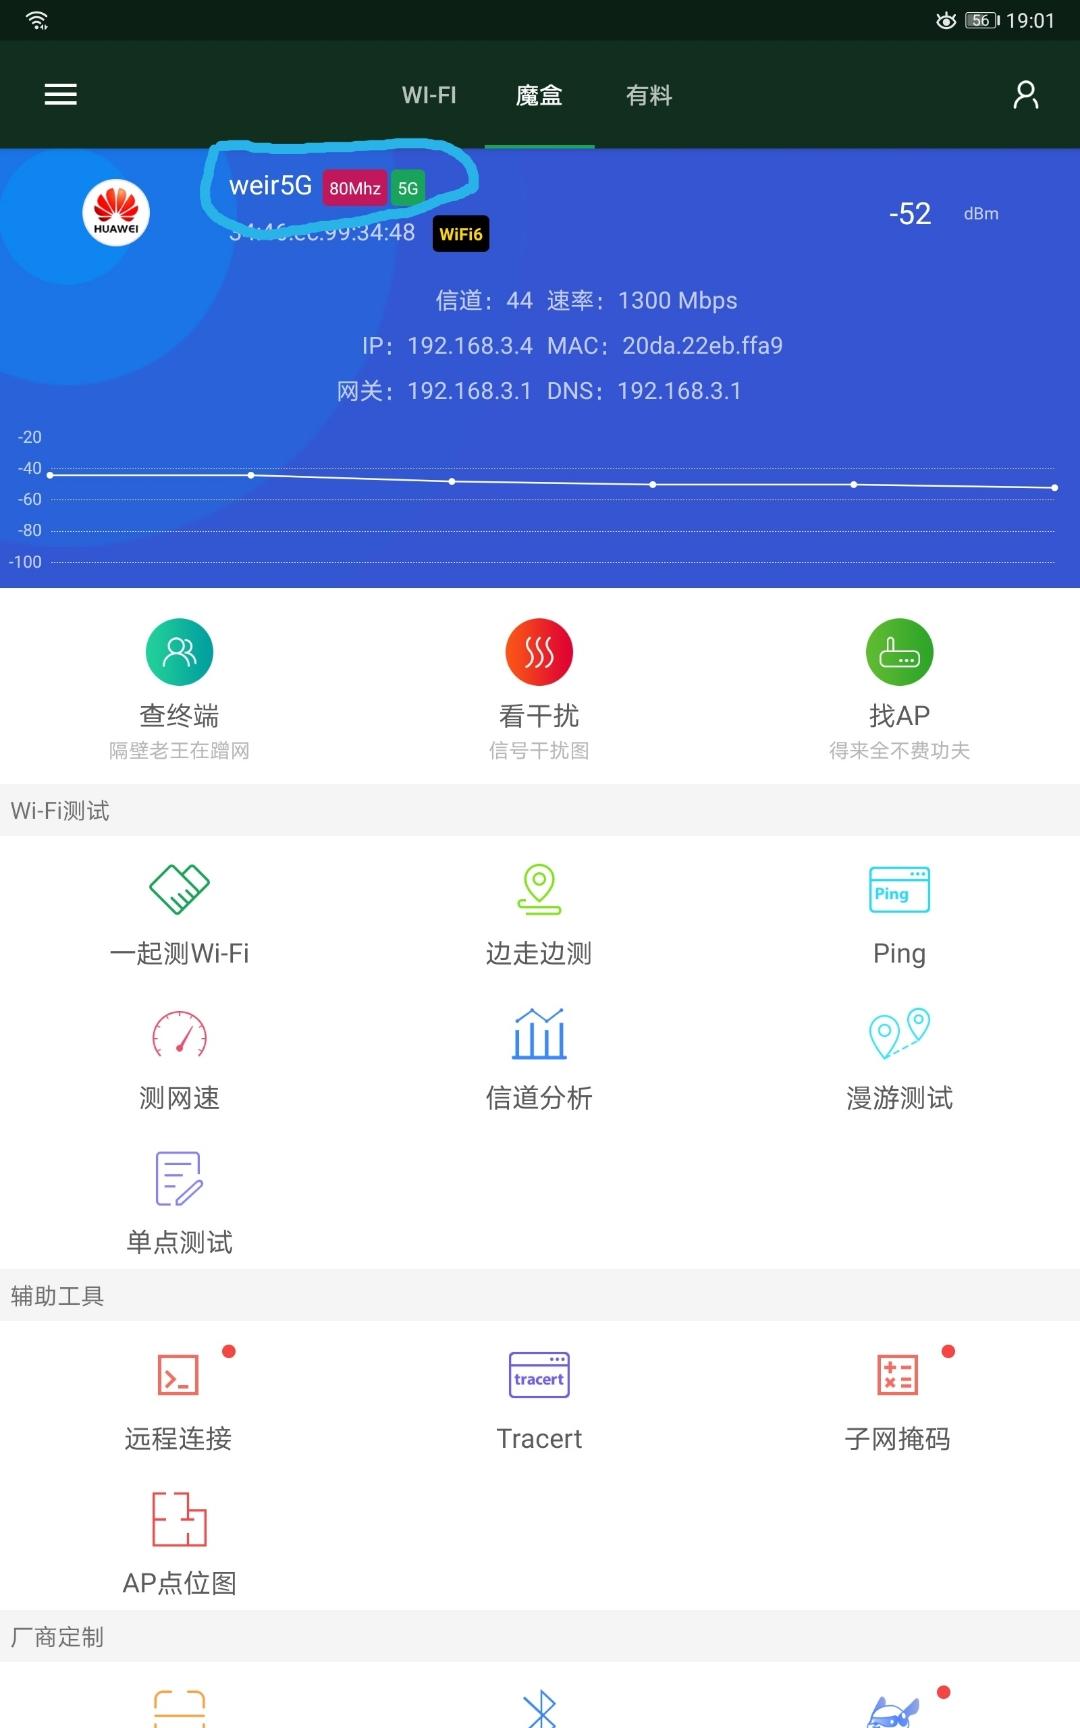 Screenshot_20200507_190229.jpg